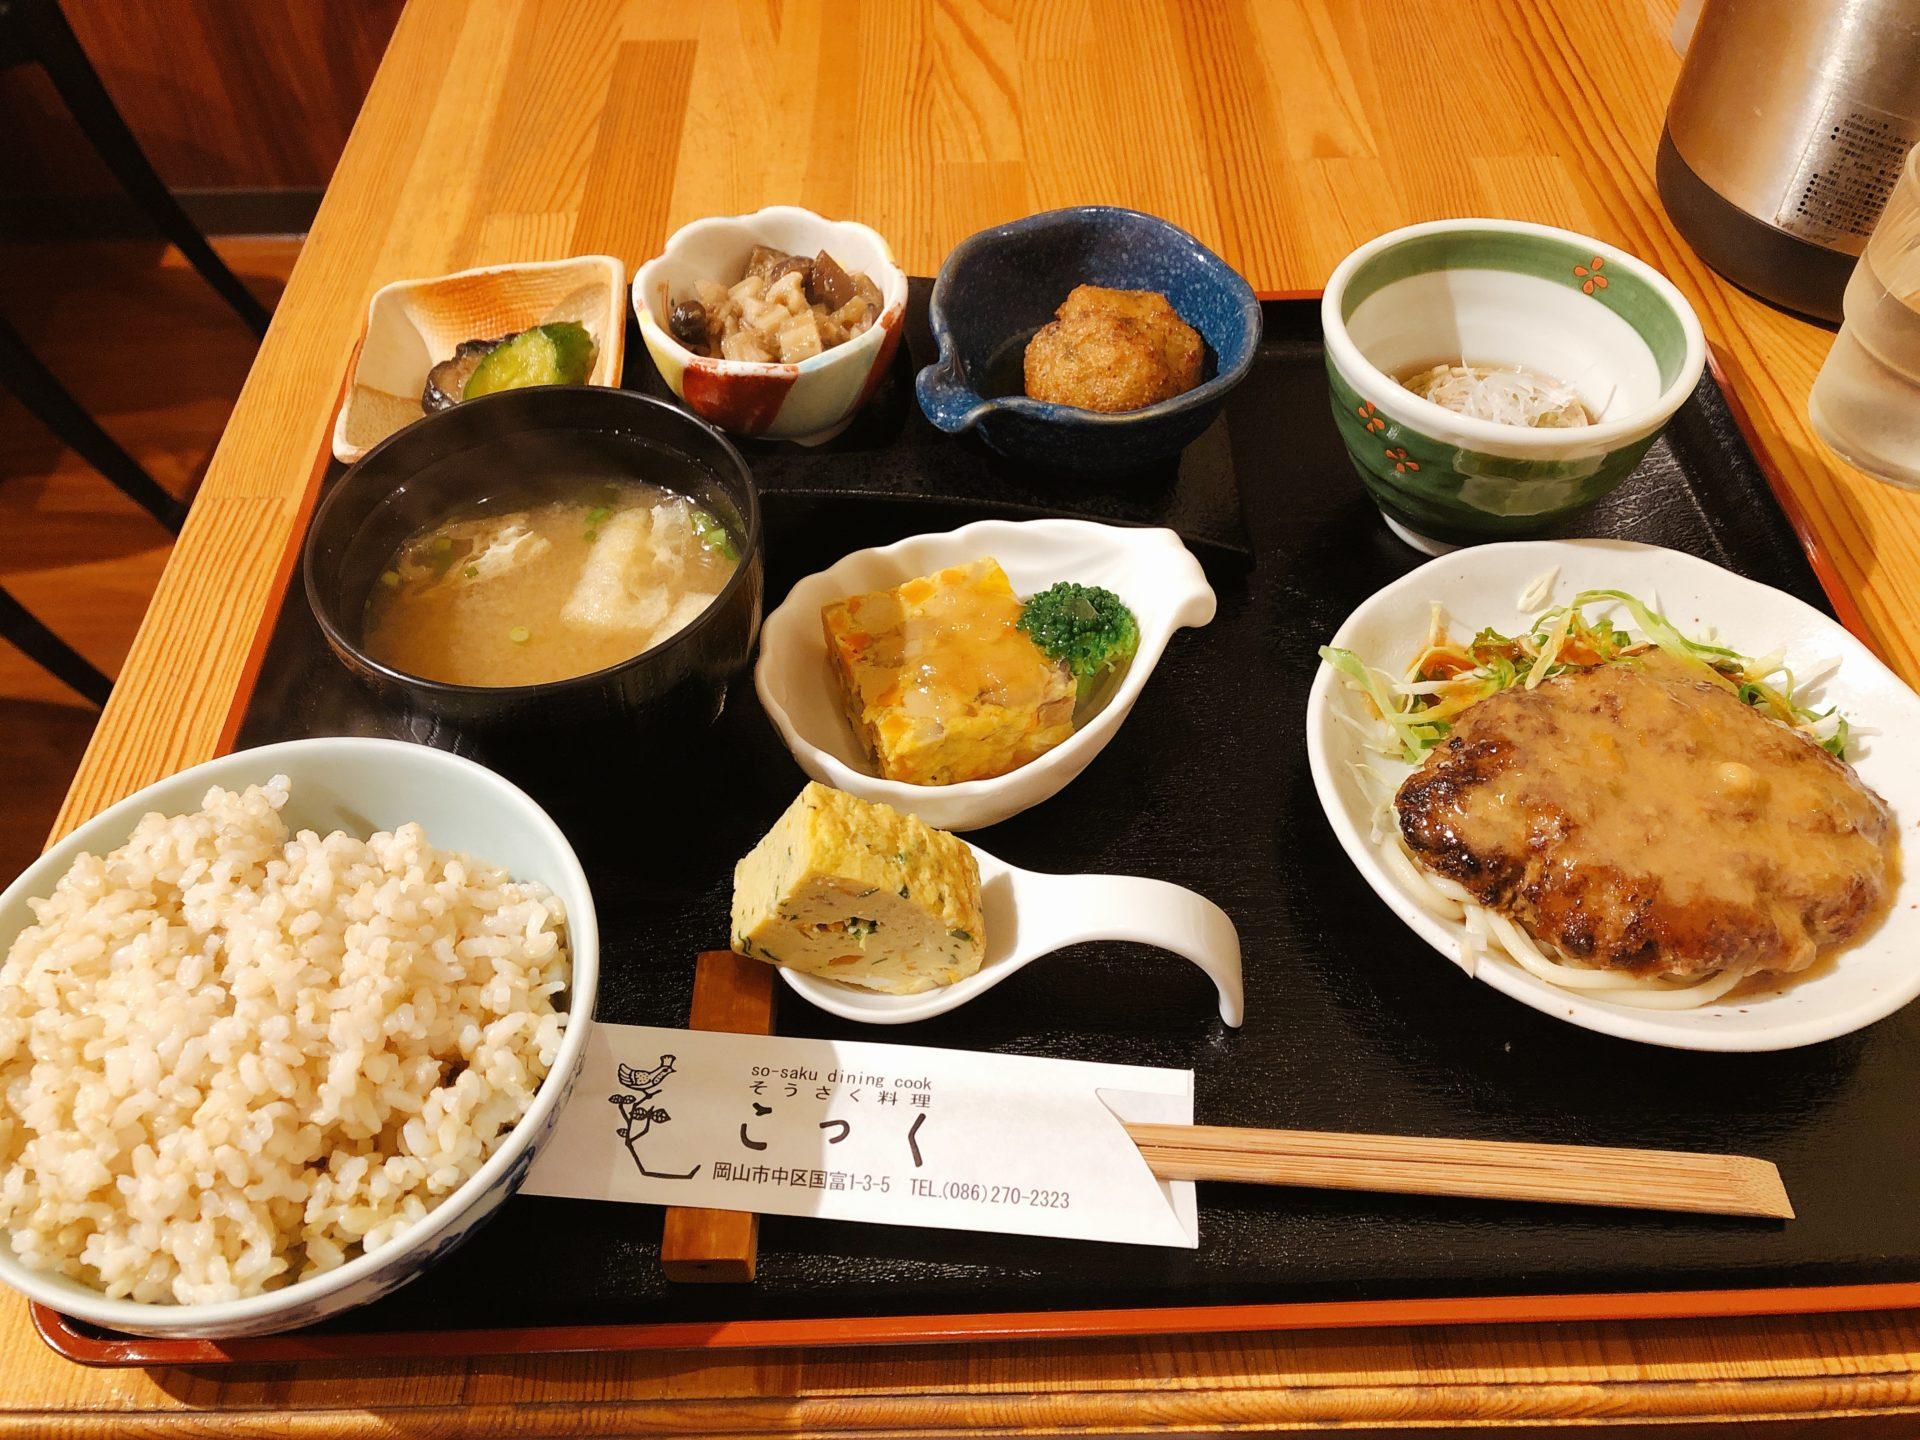 岡山市中区  朝日高校から徒歩5分の洋食屋さん そうさく料理 こっく!シェフの気まぐれランチに、こだわりと実力が見えた!